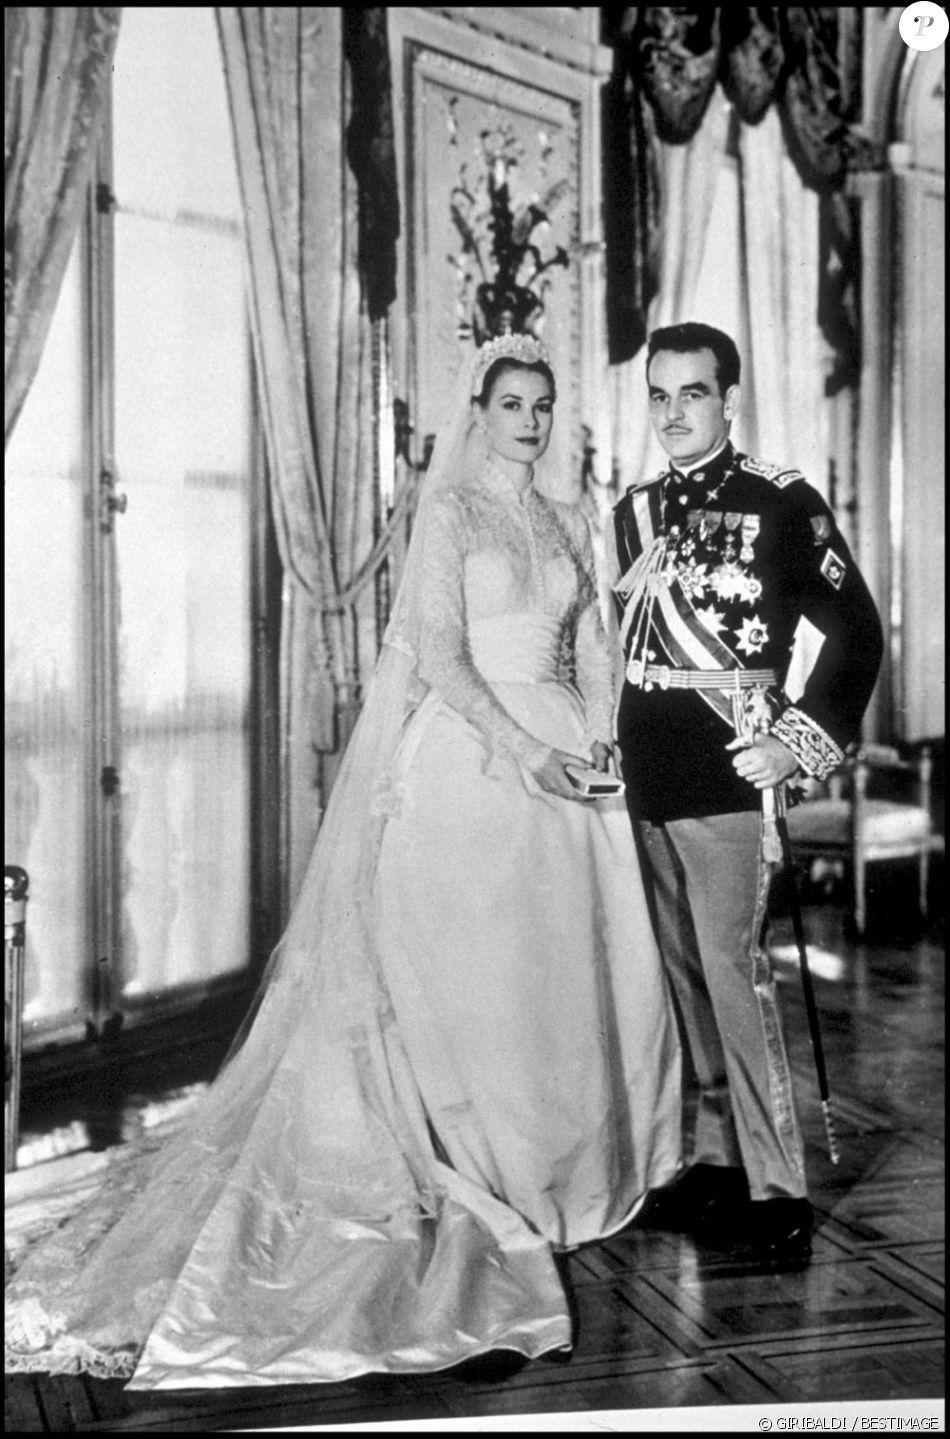 Grace Kelly Date Et Lieu De Décès : grace, kelly, décès, Mariage, Grace, Kelly, Prince, Rainier, Monaco,, Avril, 1956., Purepeople